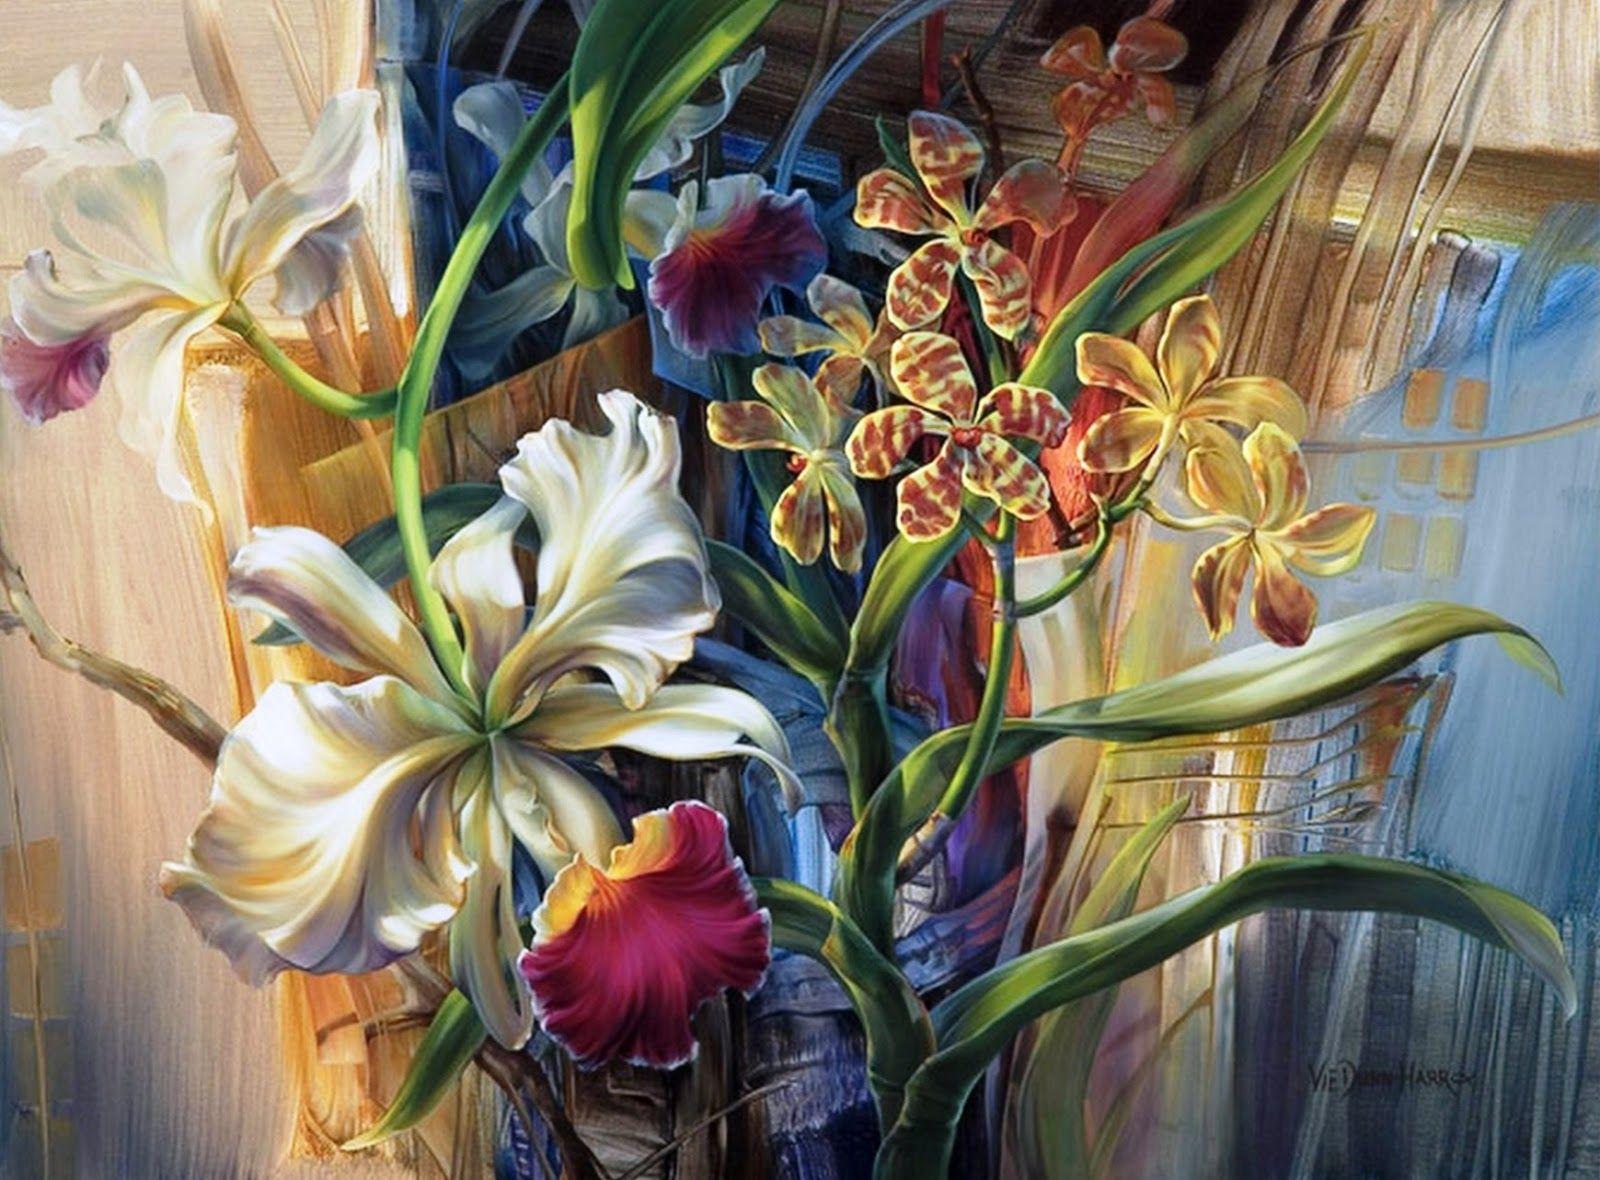 Galer a de cuadros con flores modernas vie dunn harr - Cuadros flores modernas ...